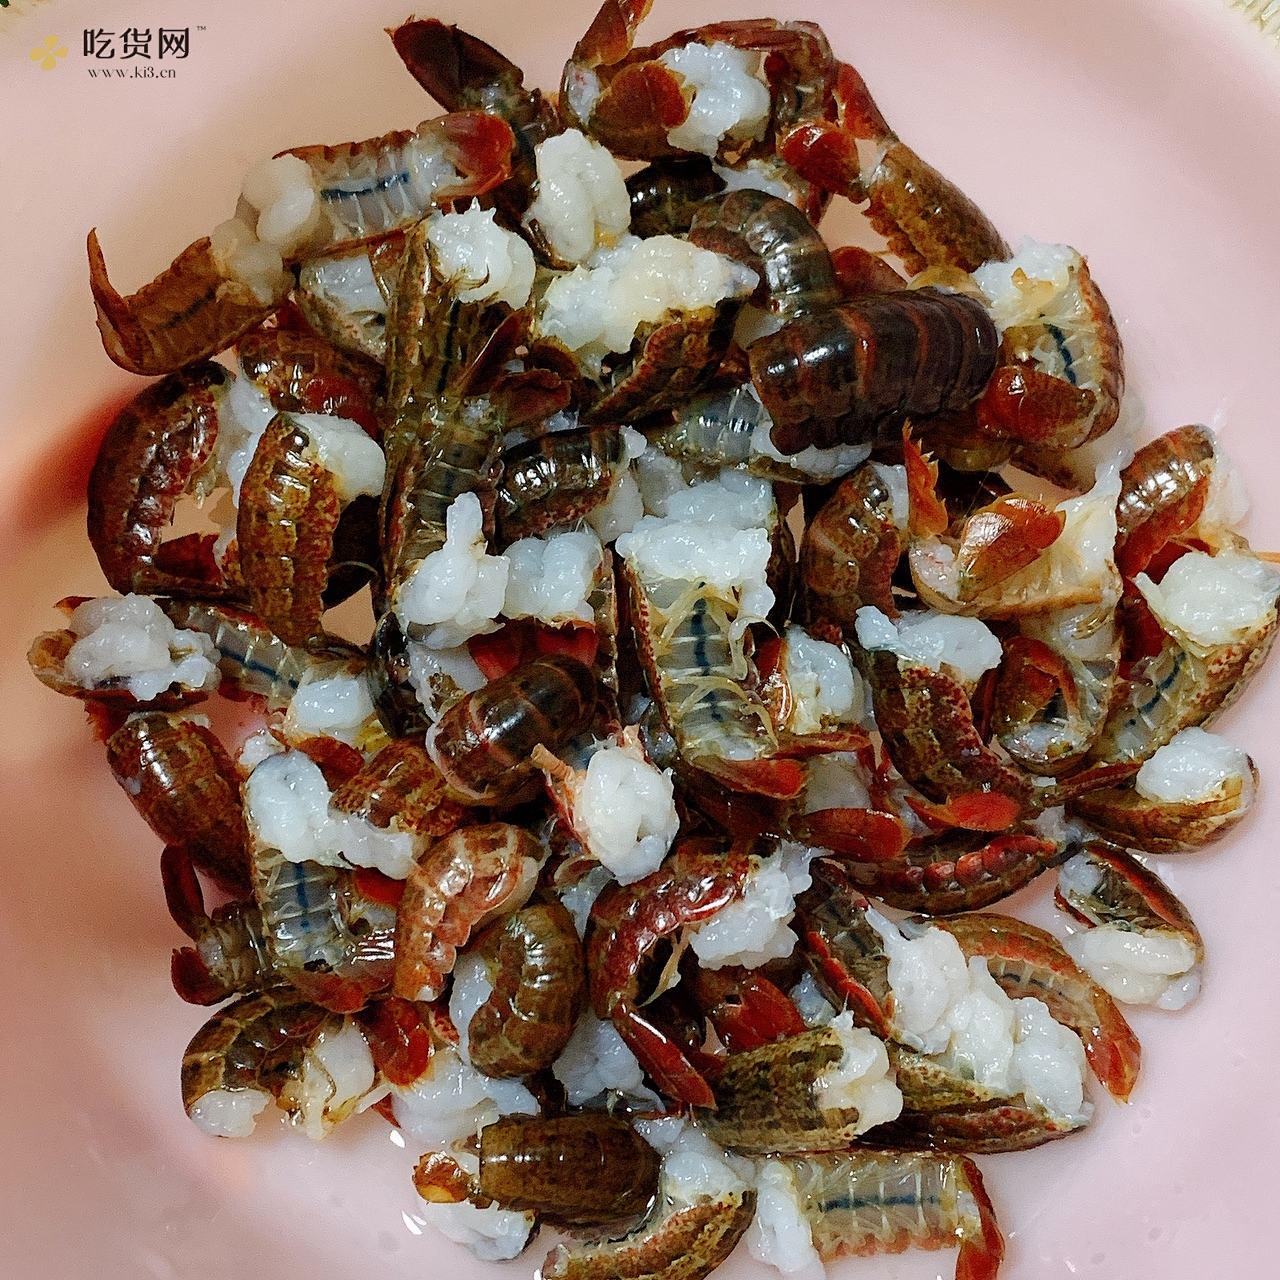 吮指香辣虾尾,超简单快手菜,不油腻无香料的做法 步骤1